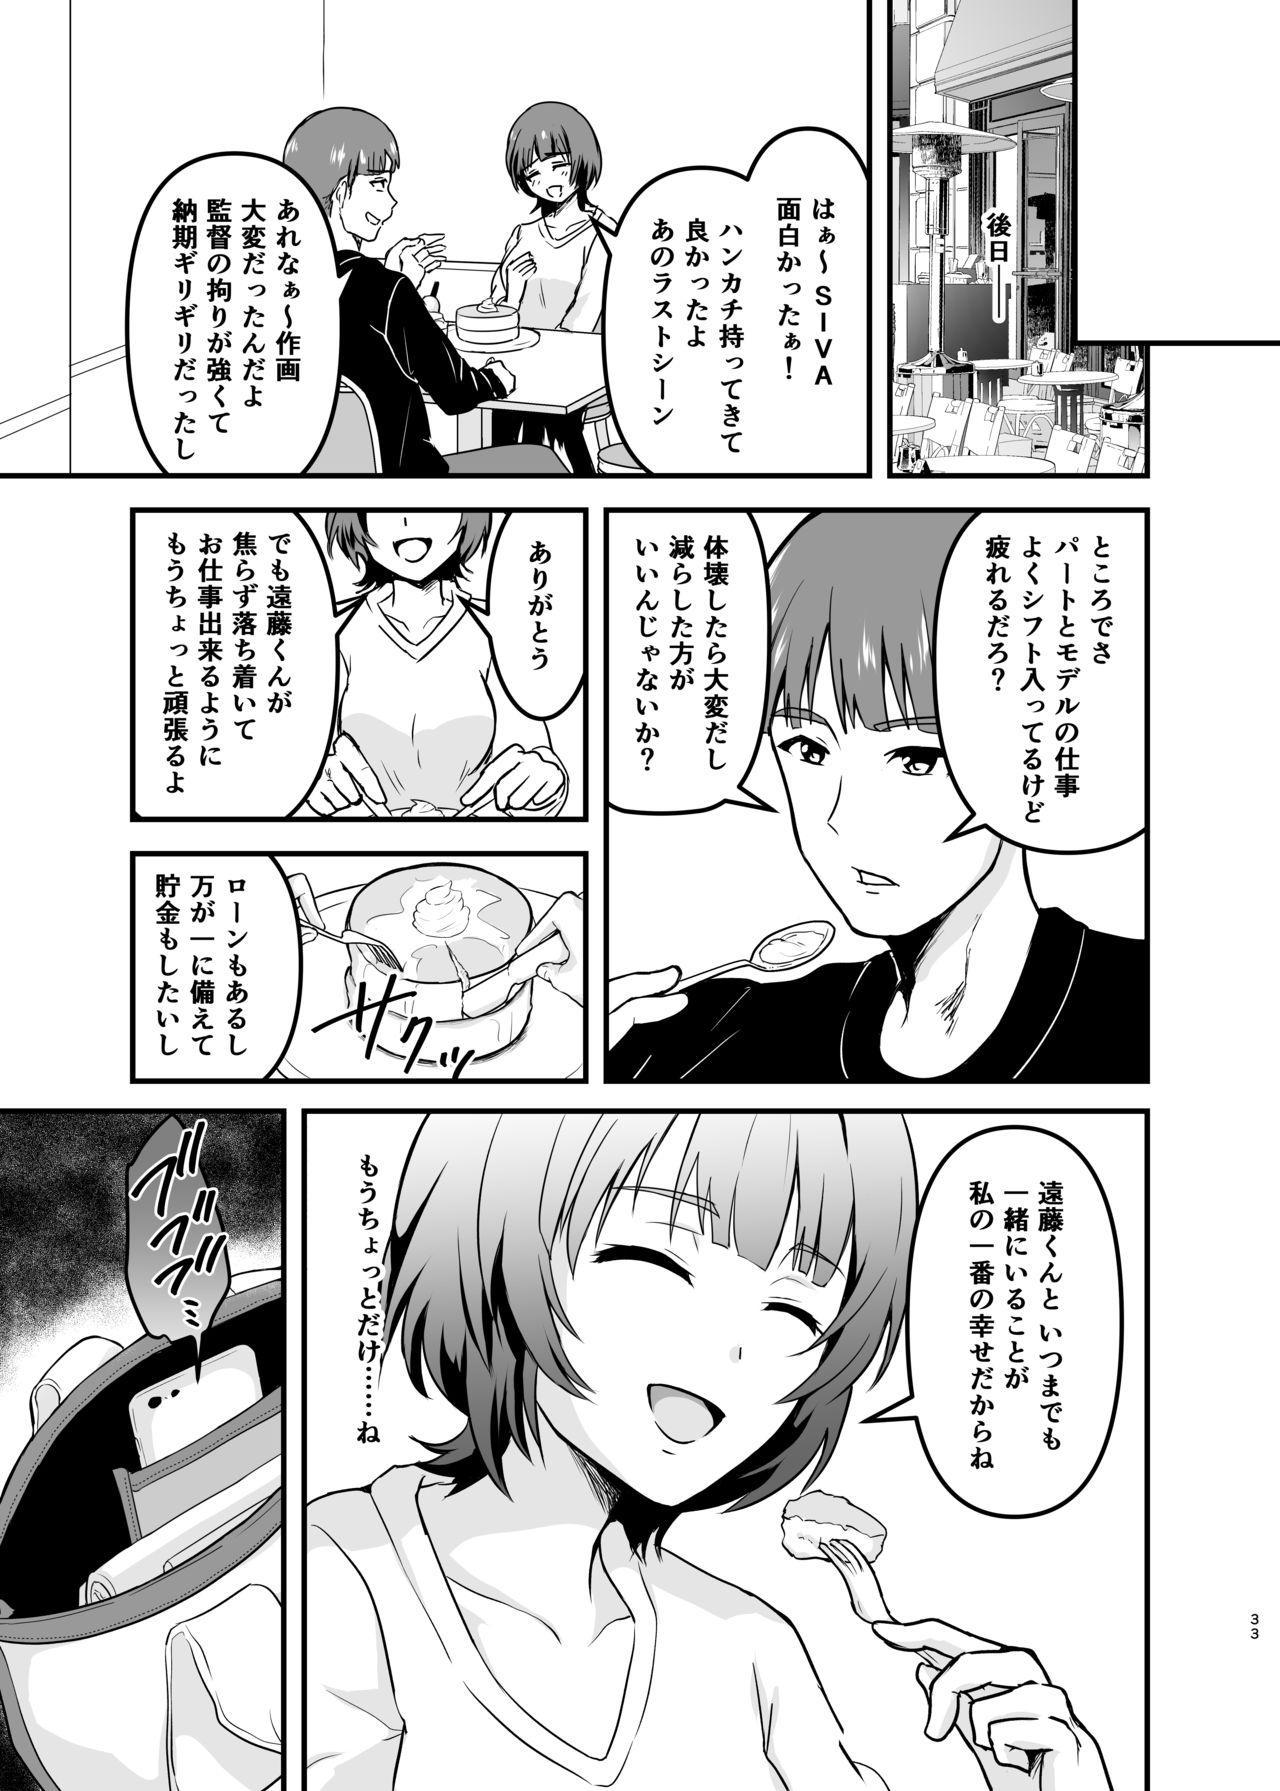 [Hanger Hansha (Yunokawa Yosomi)] Endou-san-chi no Oku-san (SHIROBAKO) [Digital] 32